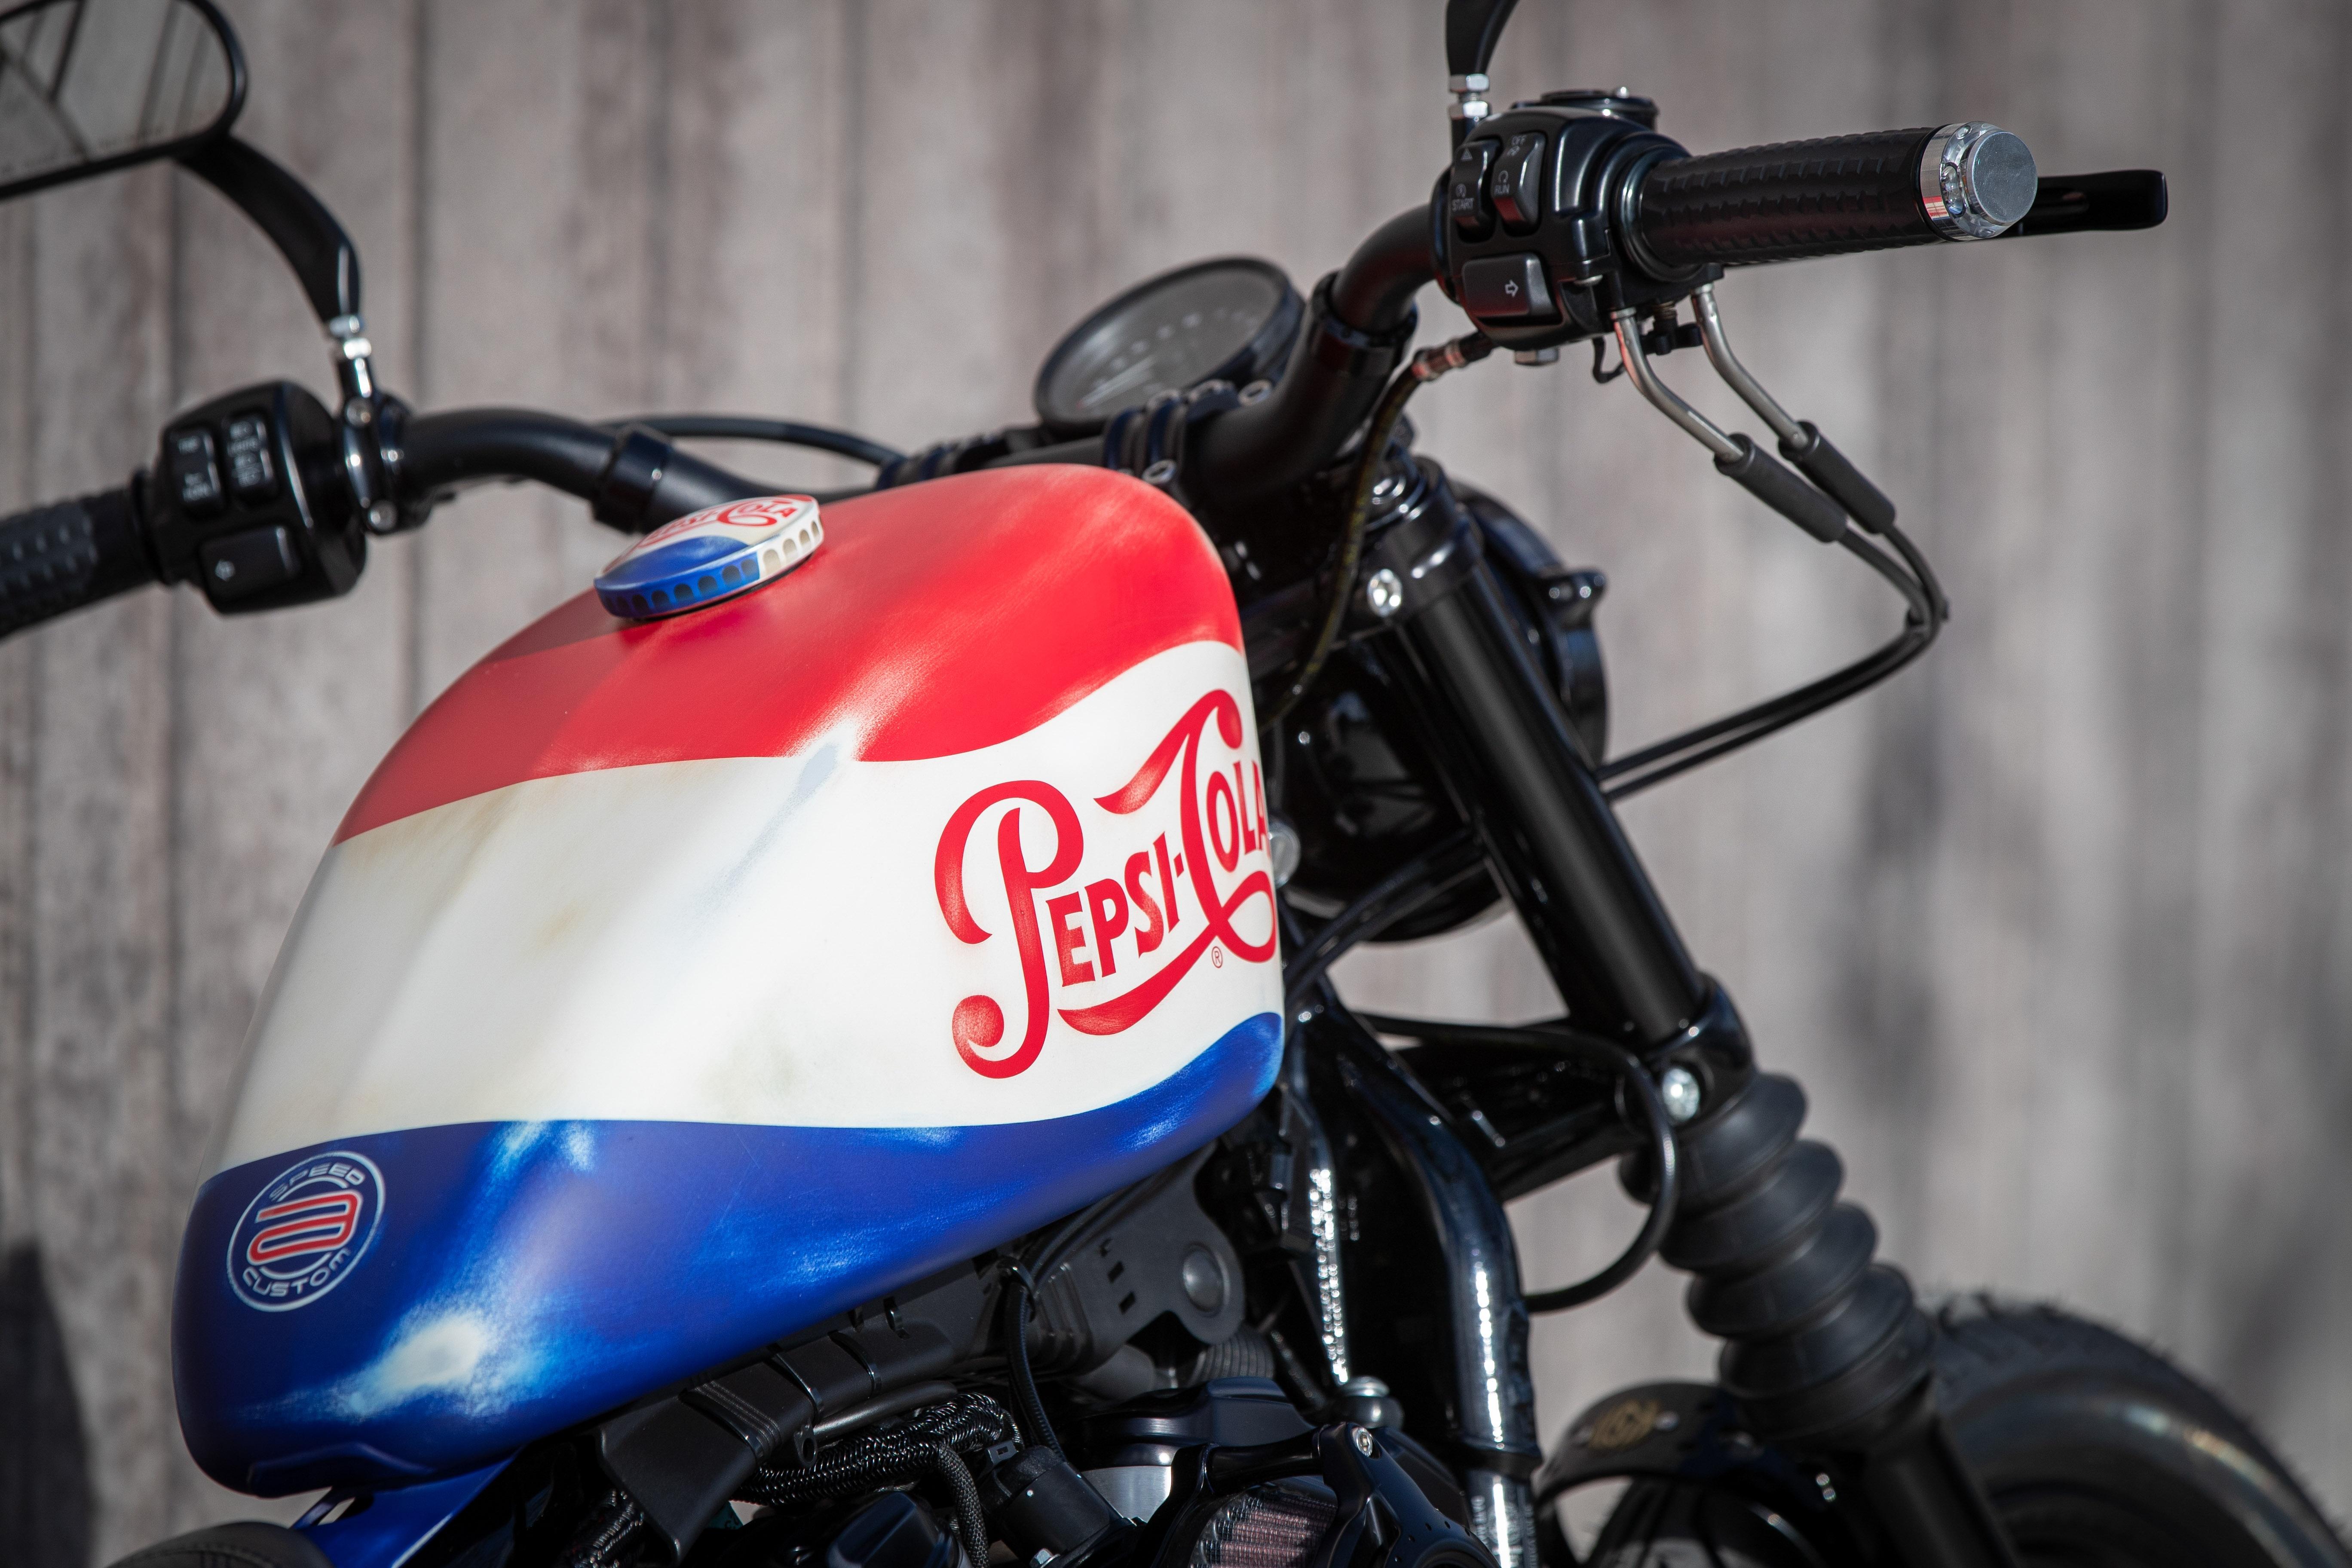 Ngam dan xe Harley-Davidson Sportster lot xac voi ban do Sykes hinh anh 16 2020_Harley_Davidson_Sportster_Custom_5182.jpg